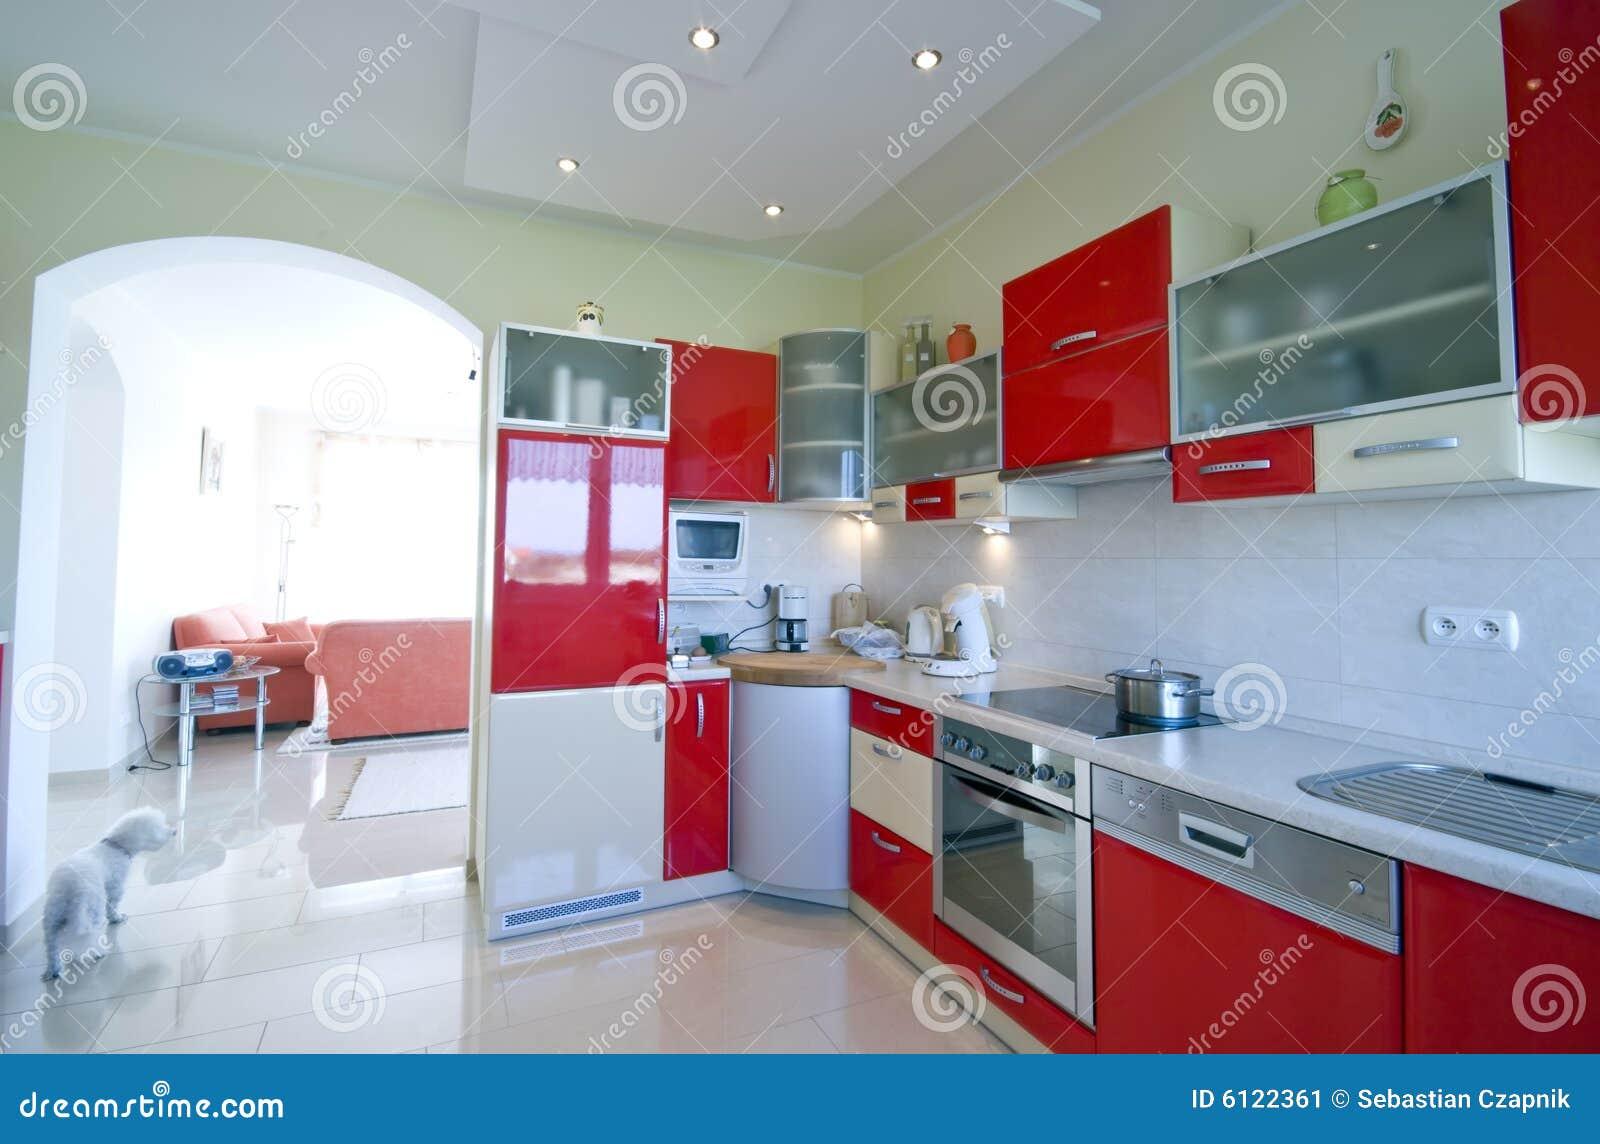 cuisine rouge image stock image 6122361. Black Bedroom Furniture Sets. Home Design Ideas